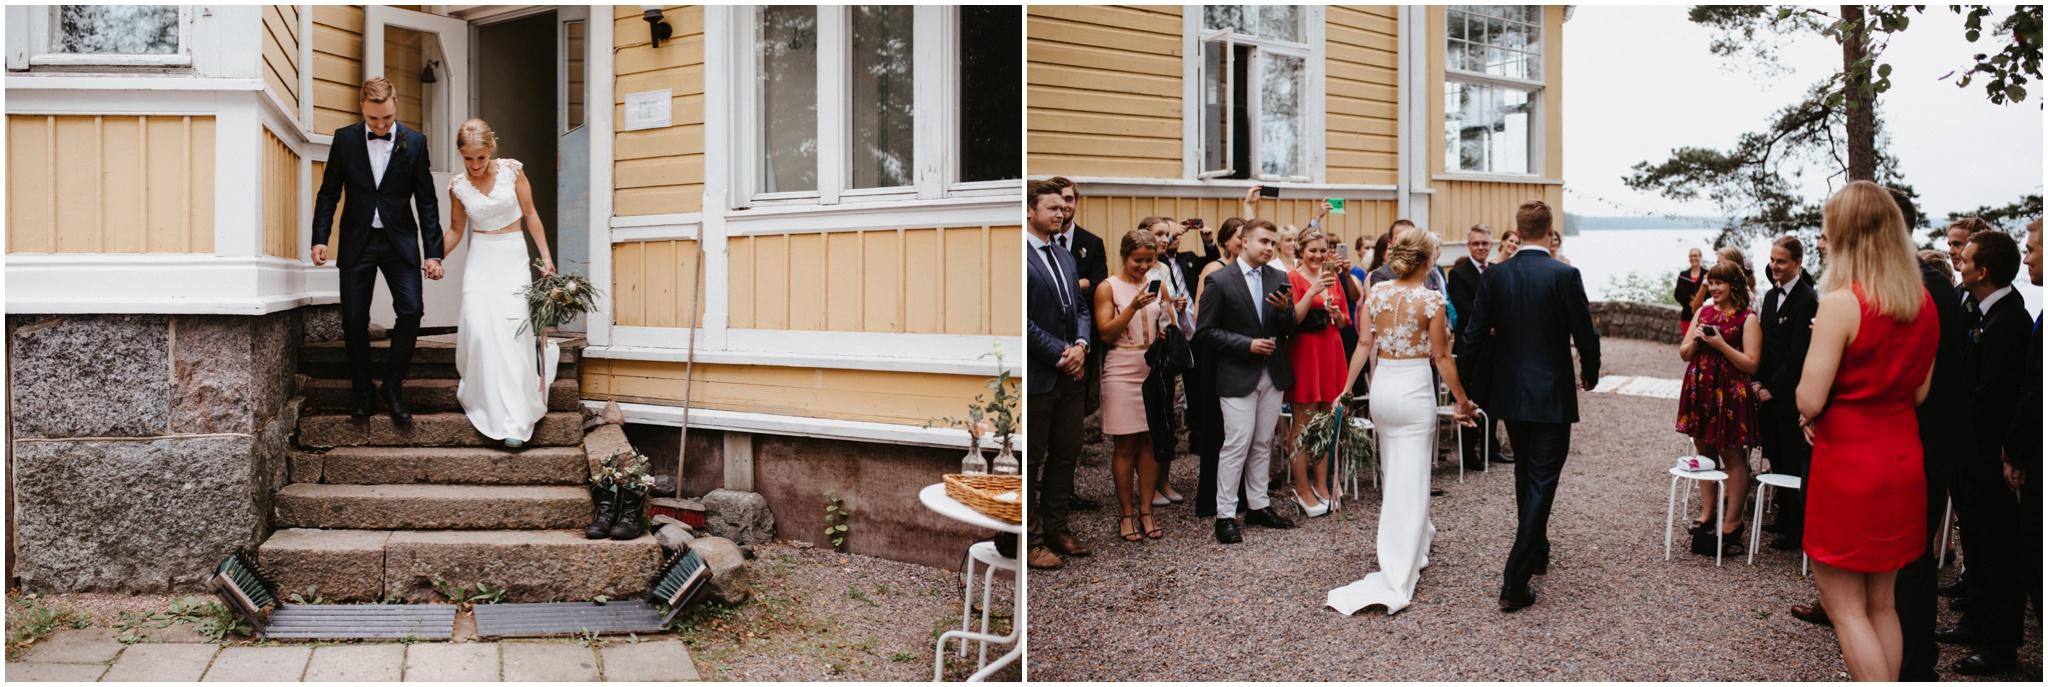 Noora + Kalle 26.jpg